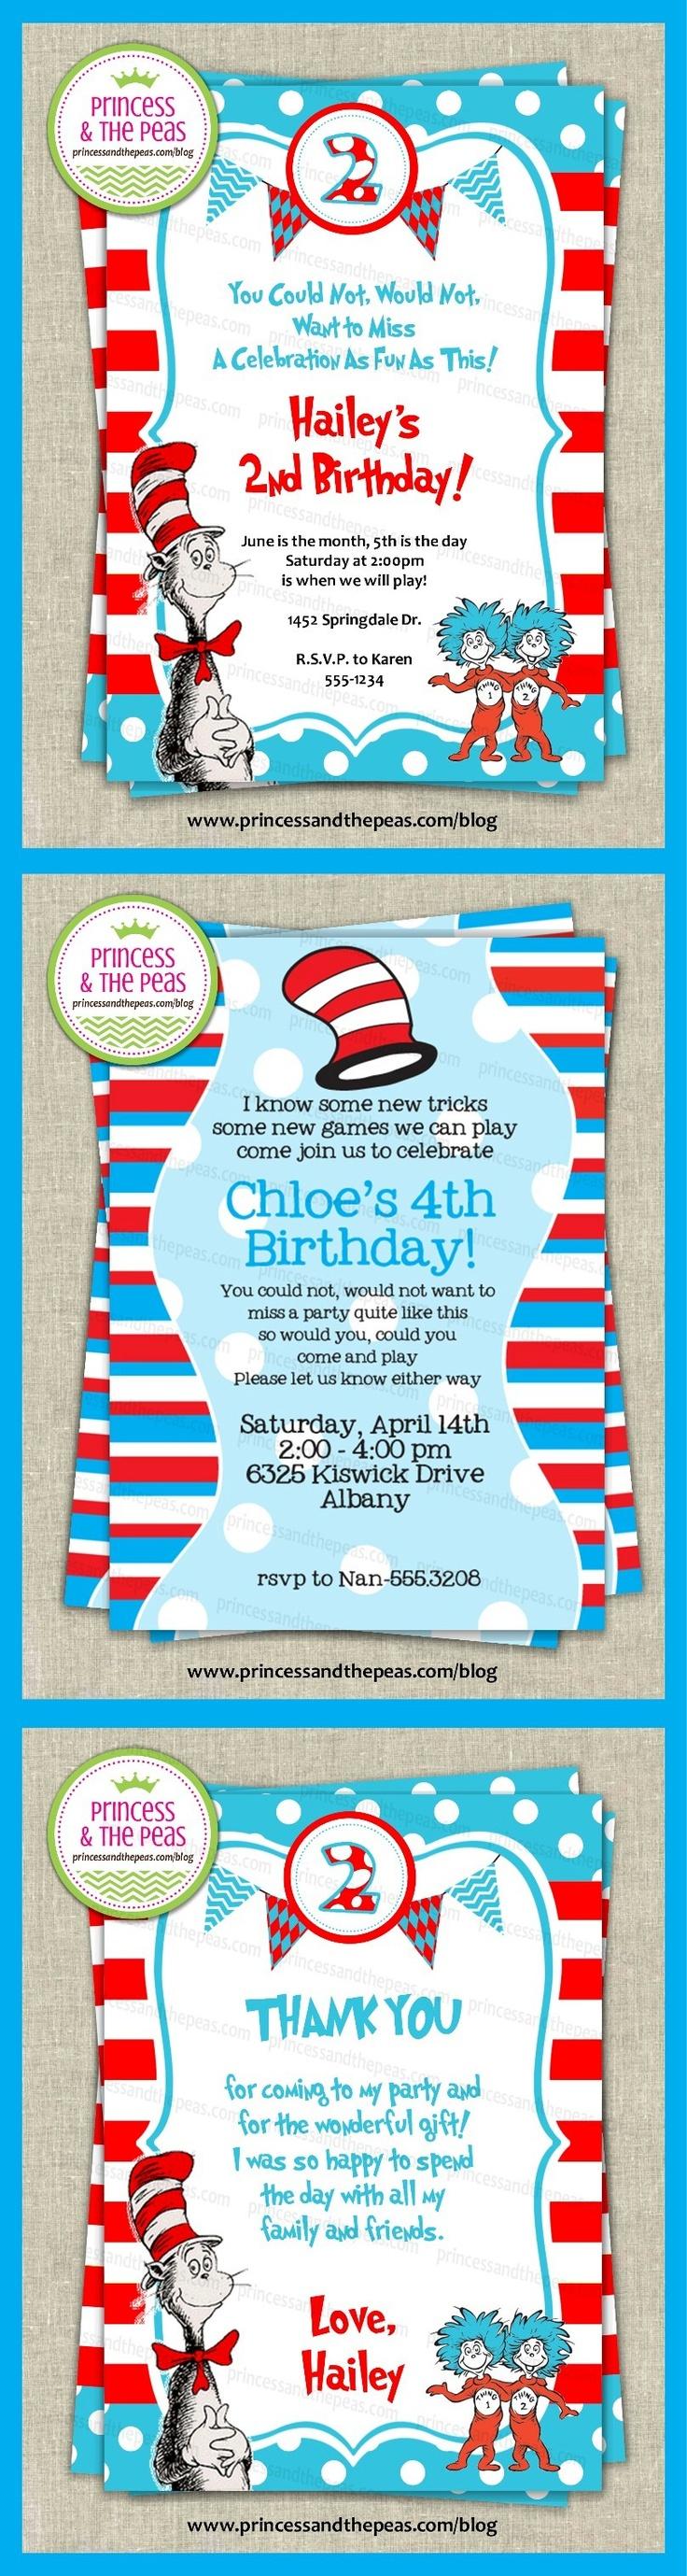 dr. seuss invitations | dr. seuss thank you cards | dr. seuss party ideas | dr. seuss birthday party  http://www.princessandthepeas.com/blog  #drseussparty #drseussbirthdayparty #drseussinvitations